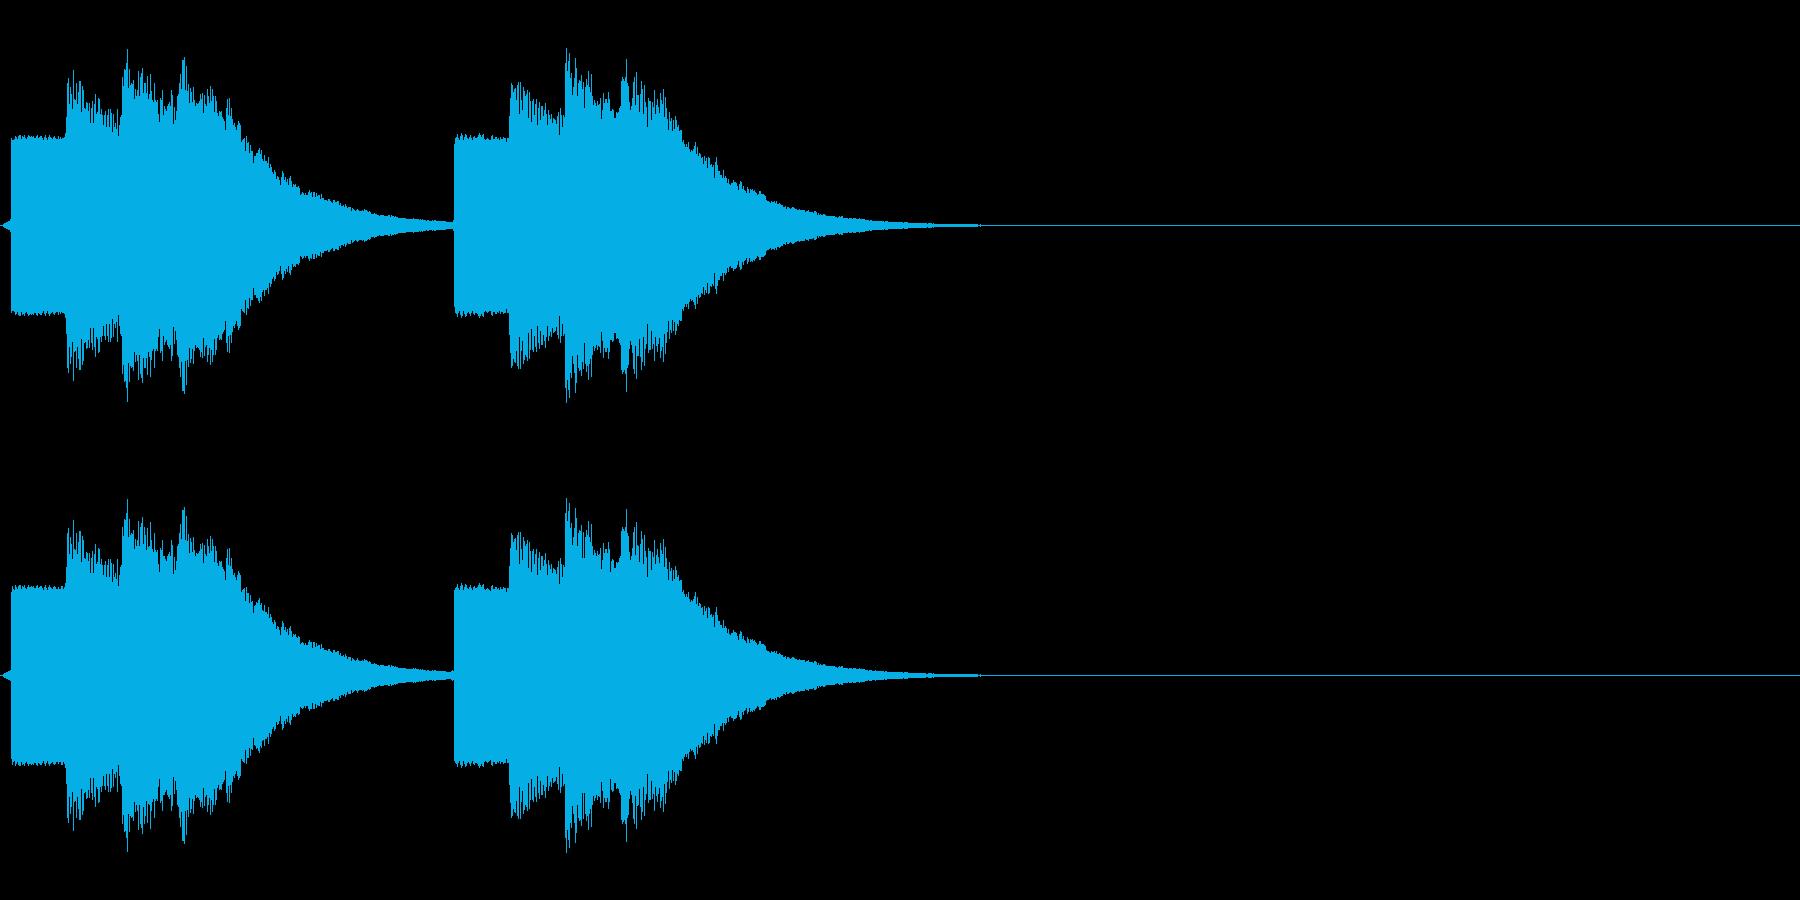 速報テロップ風の音の再生済みの波形